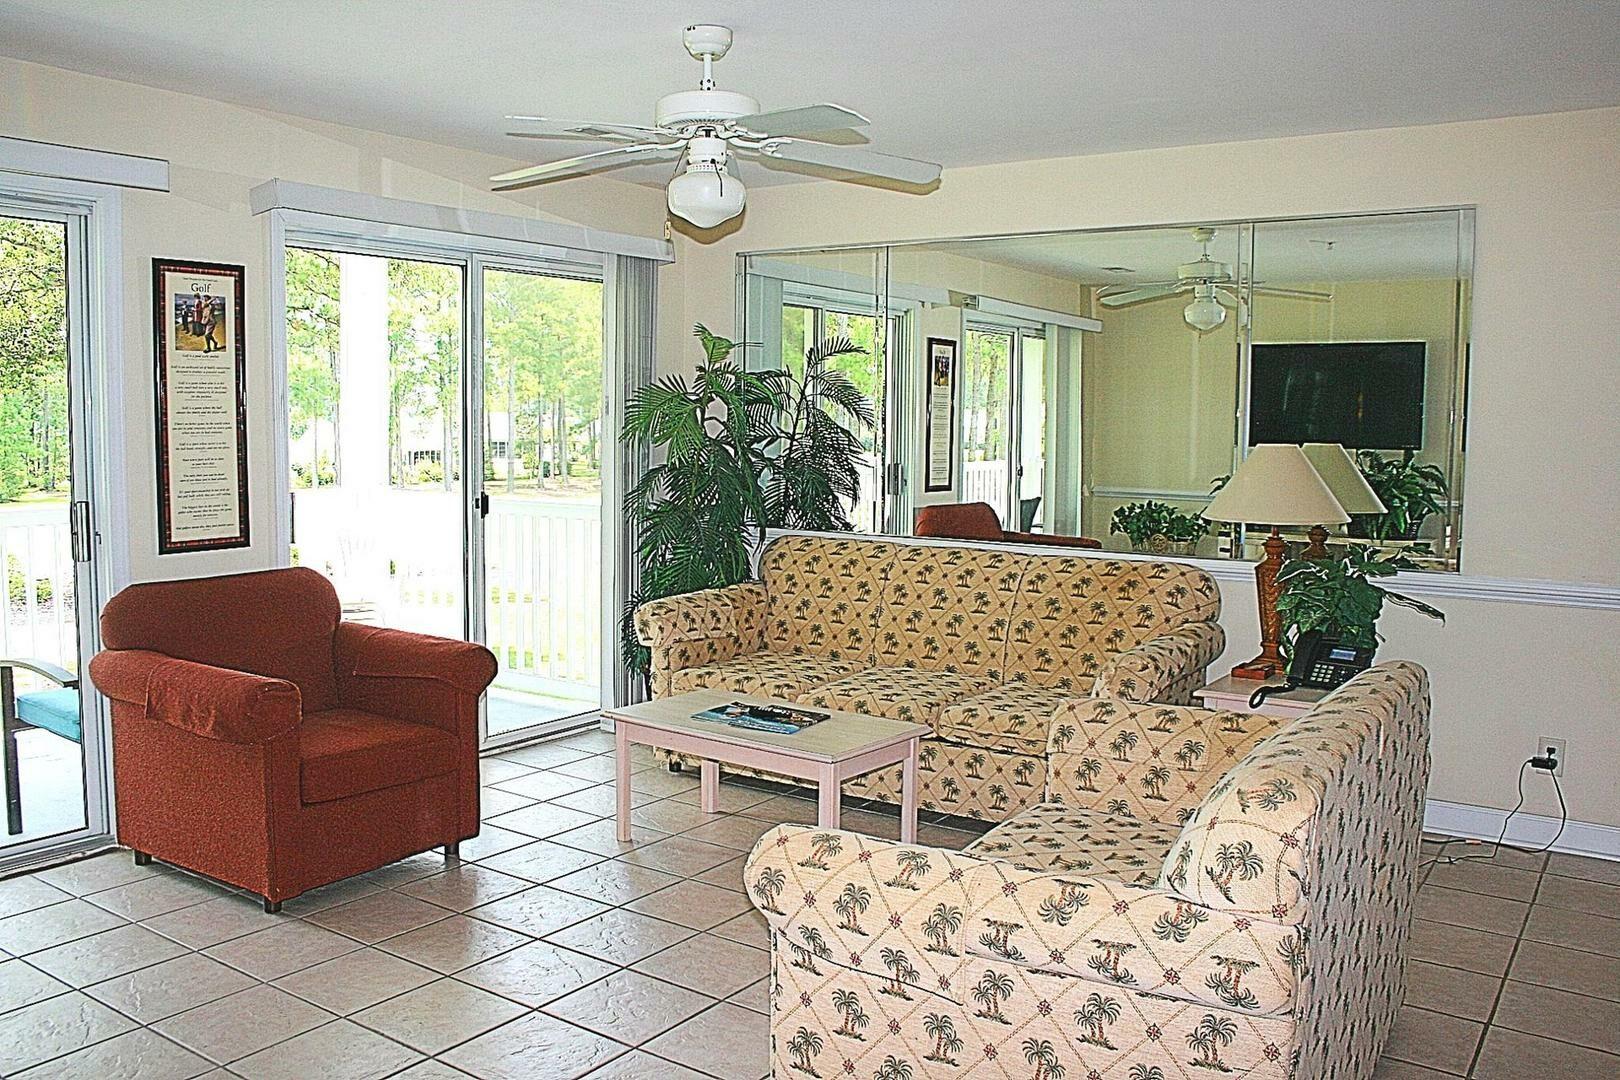 2705 2 Bedroom/2 Bath Villa